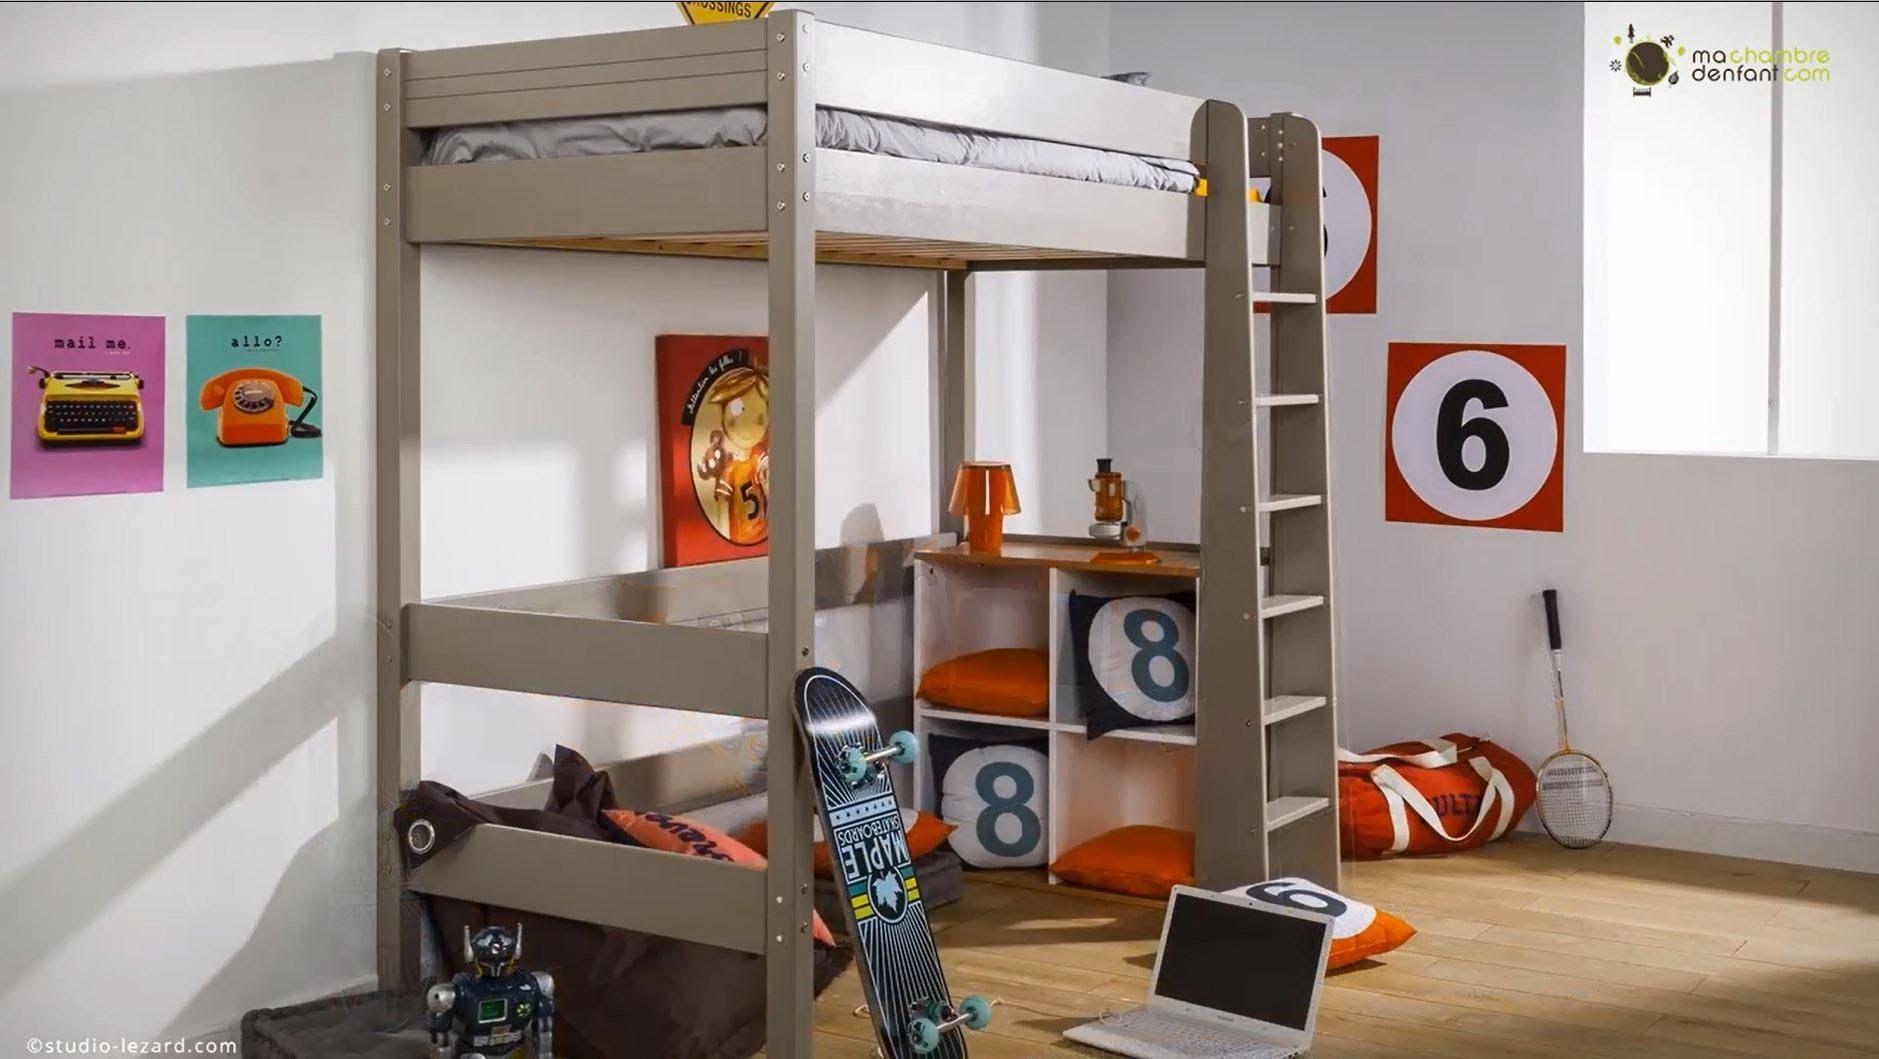 Lit Mezzanine Studio Agréable Lit Mezzanine Haut Lit Mezzanine 140—190 Bois Frais Lit Discount 140